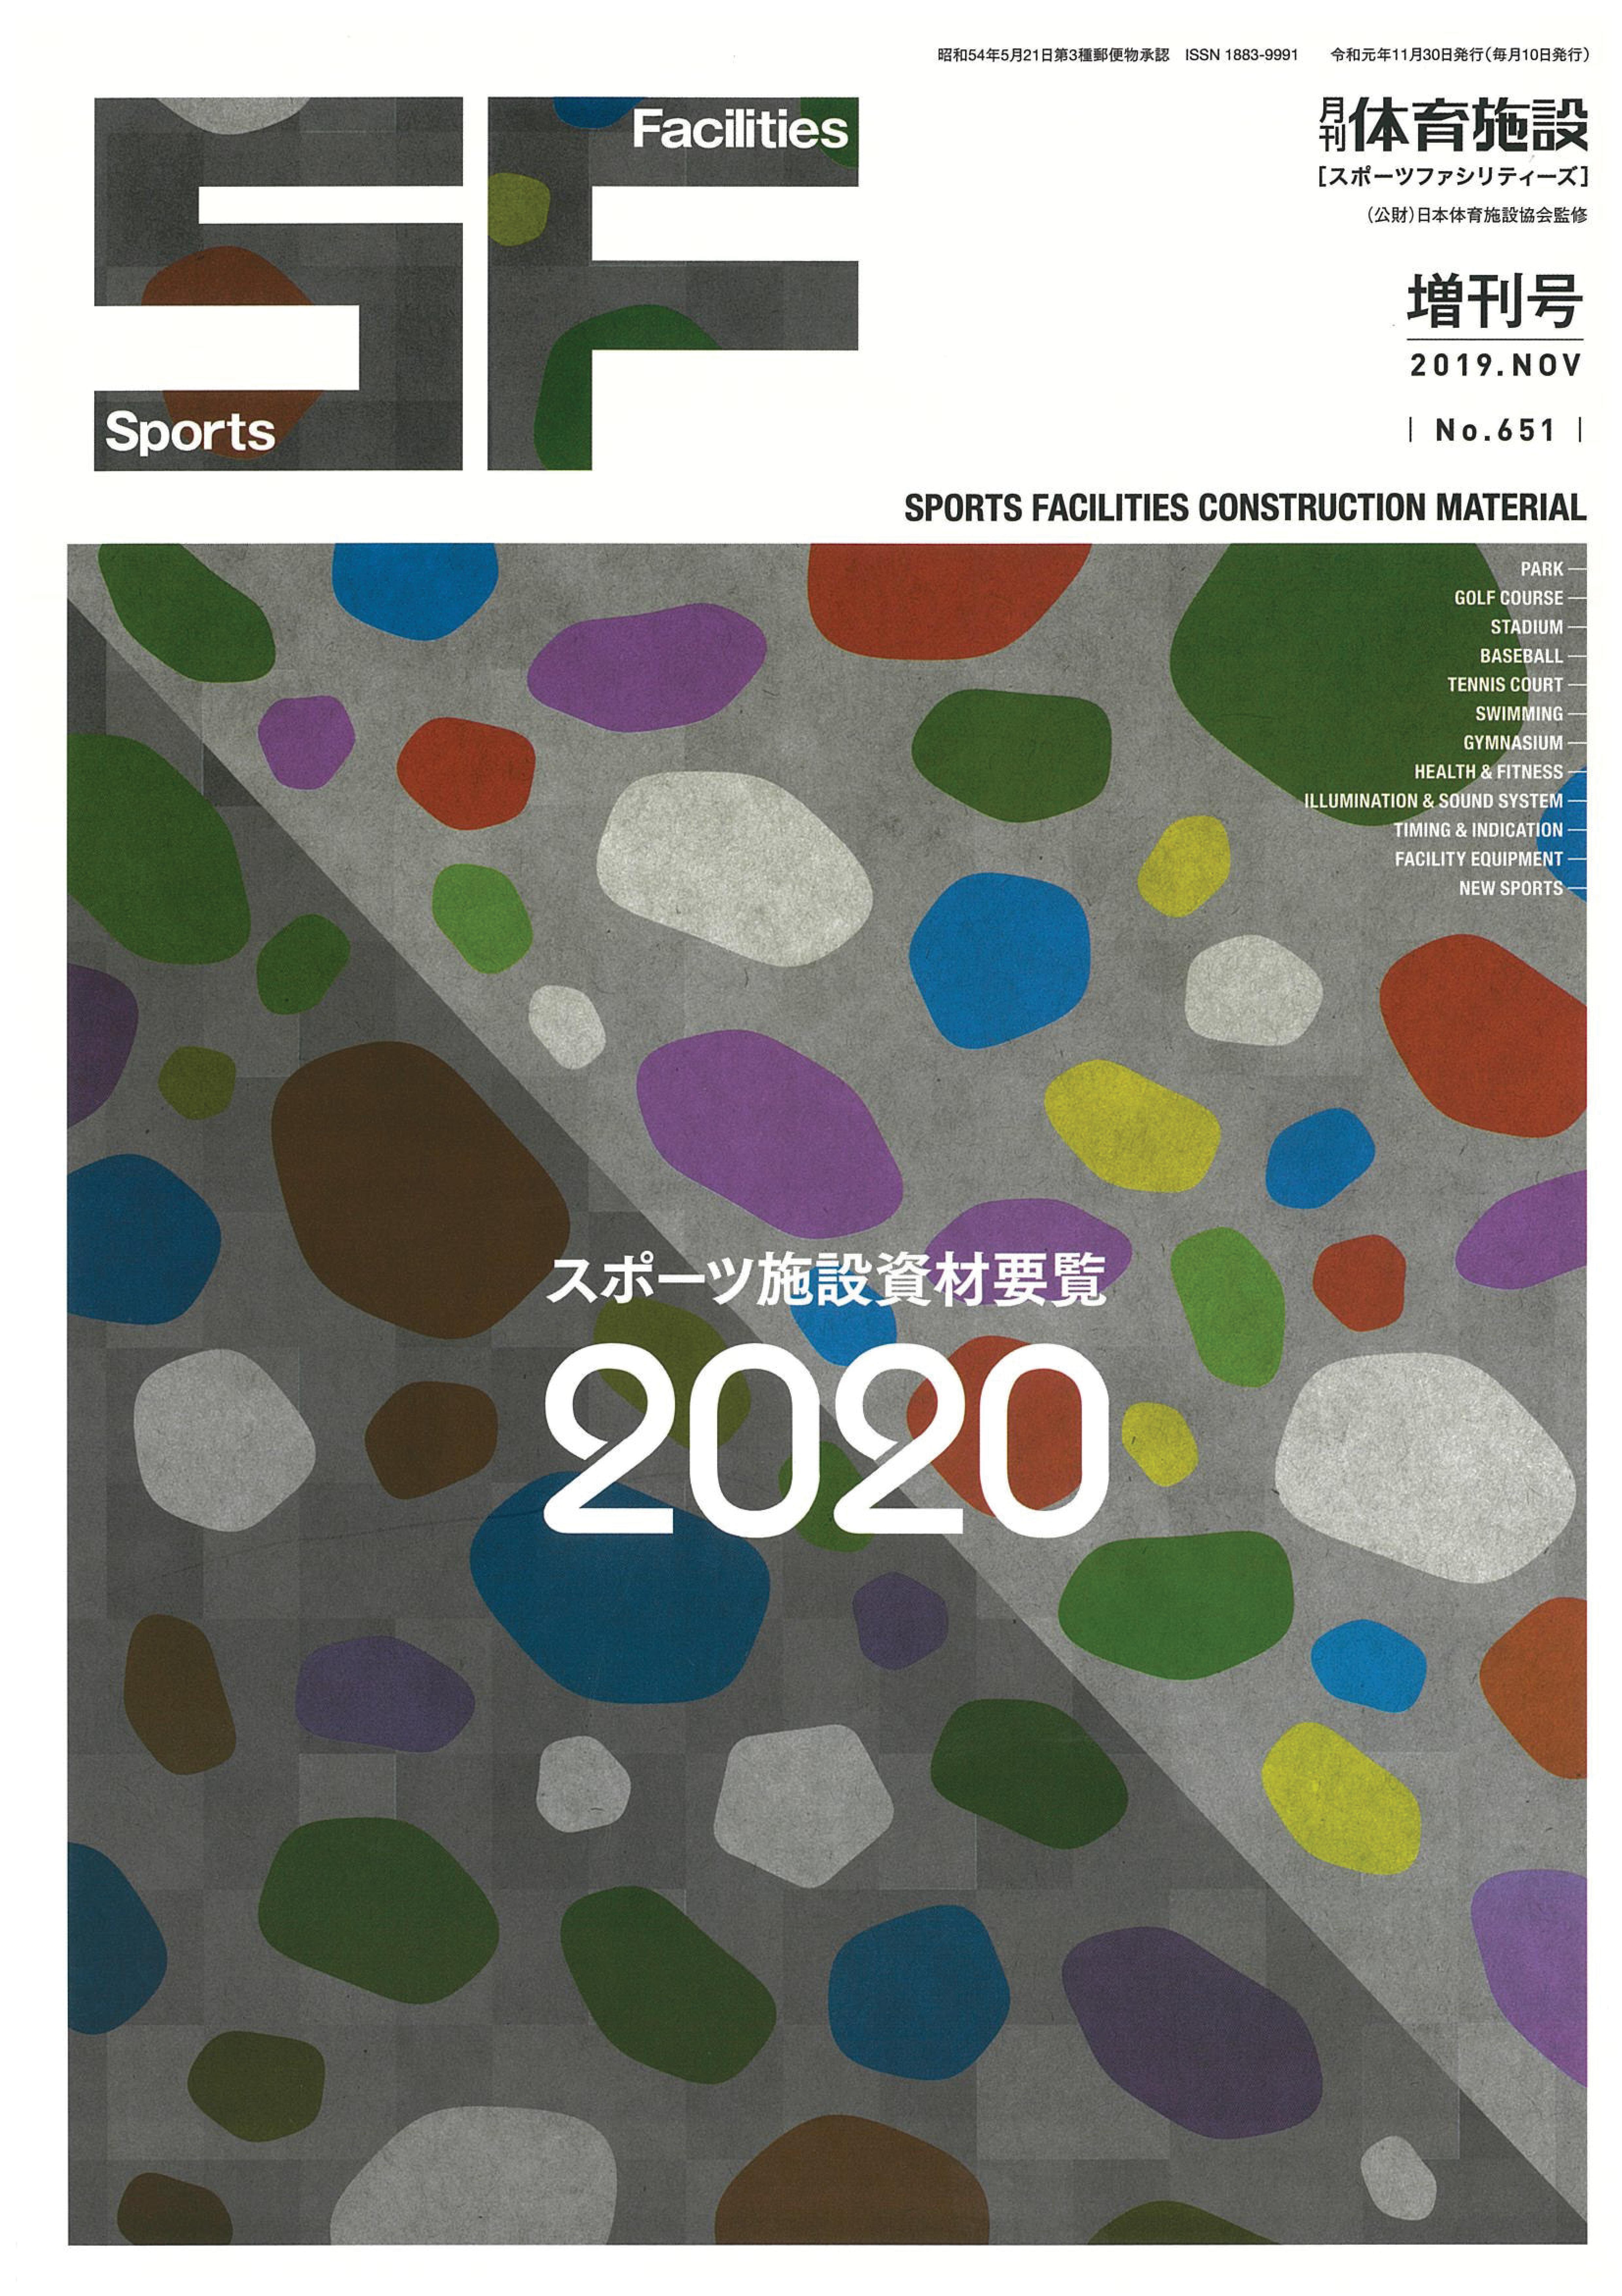 月間体育施設資材要覧2020-001